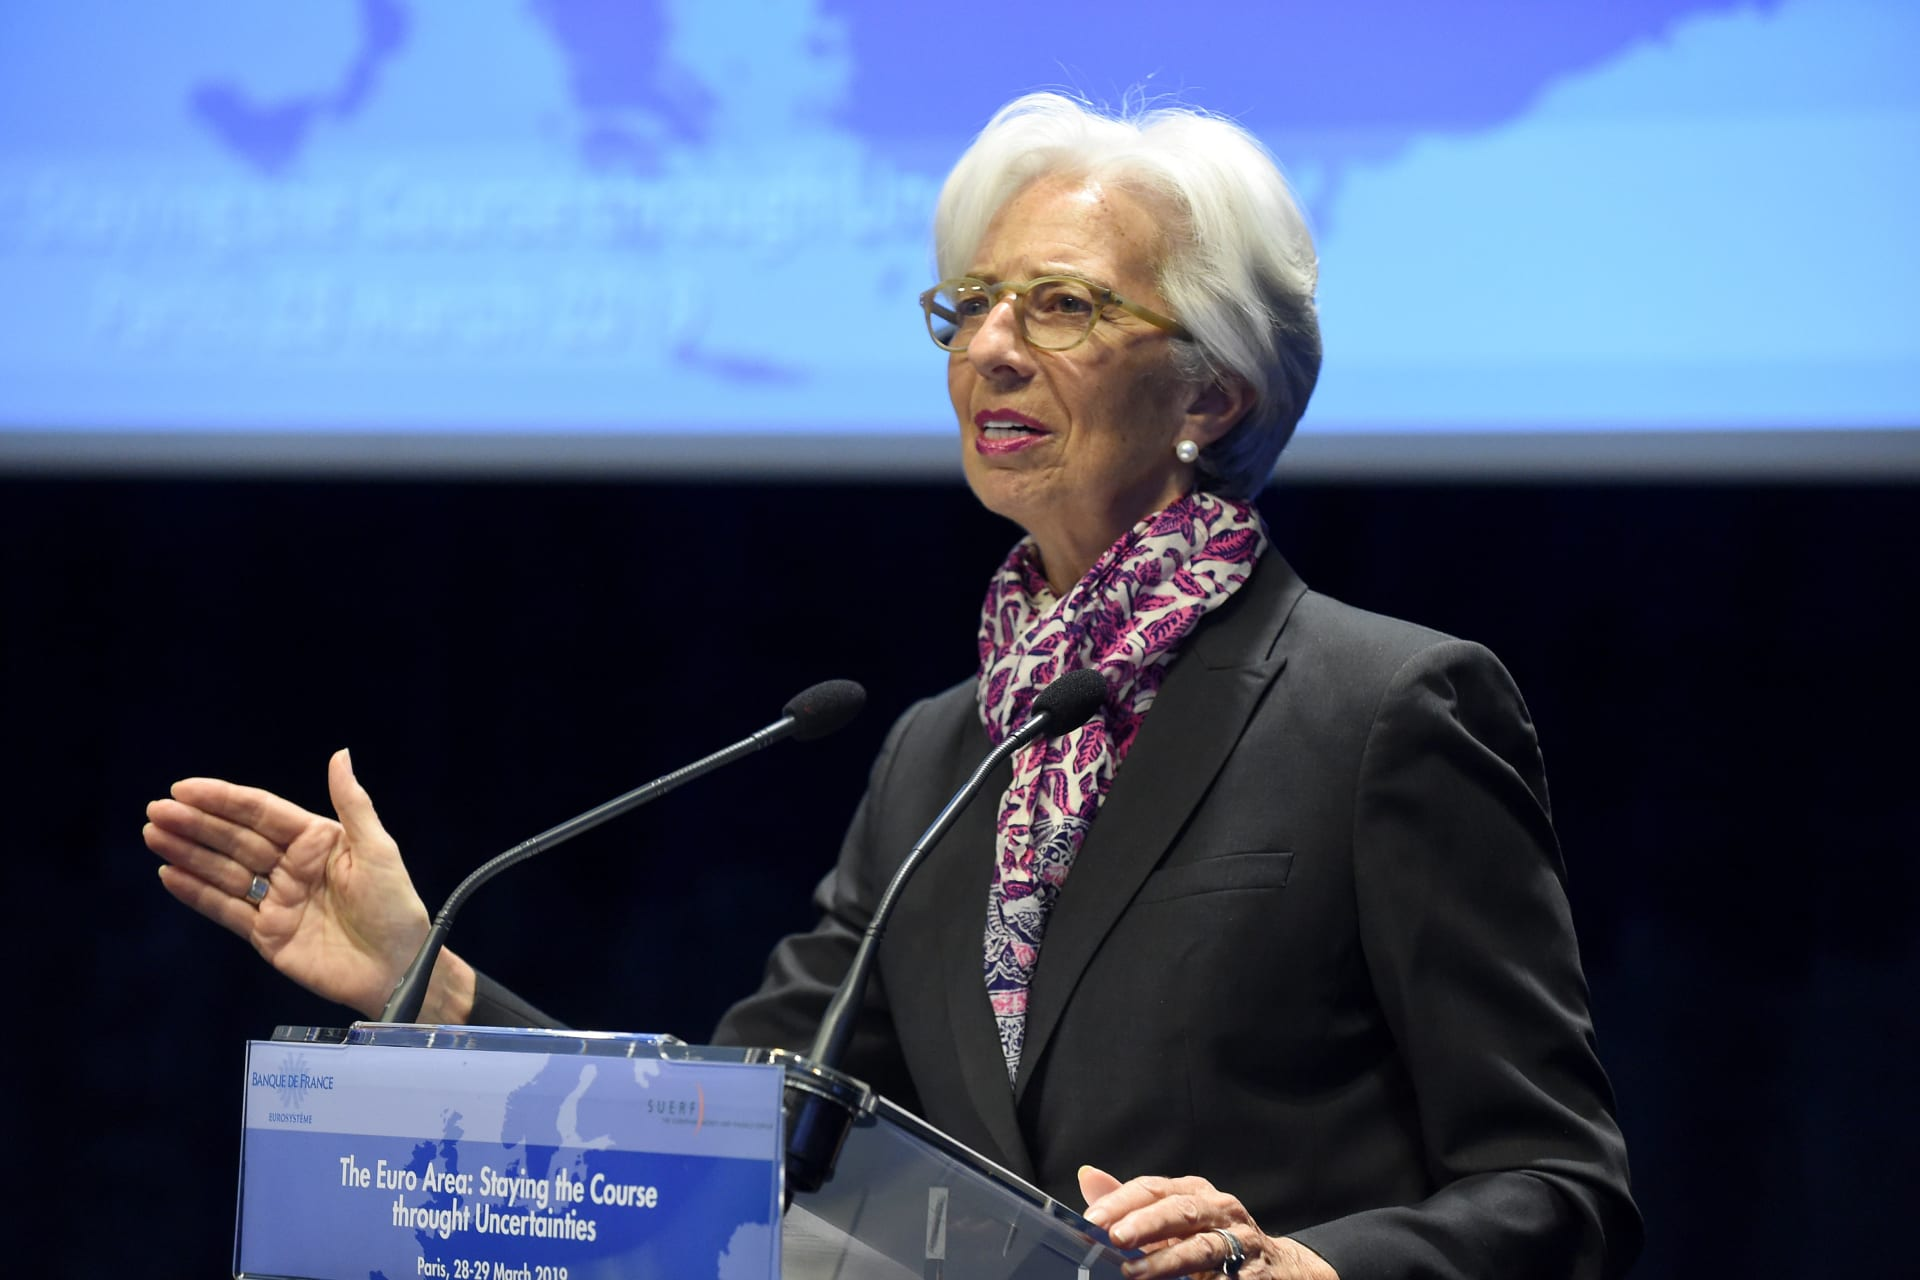 لاغارد: الاقتصاد العالمي يخسر 1.5 تريليون دولار بسبب الرشوة